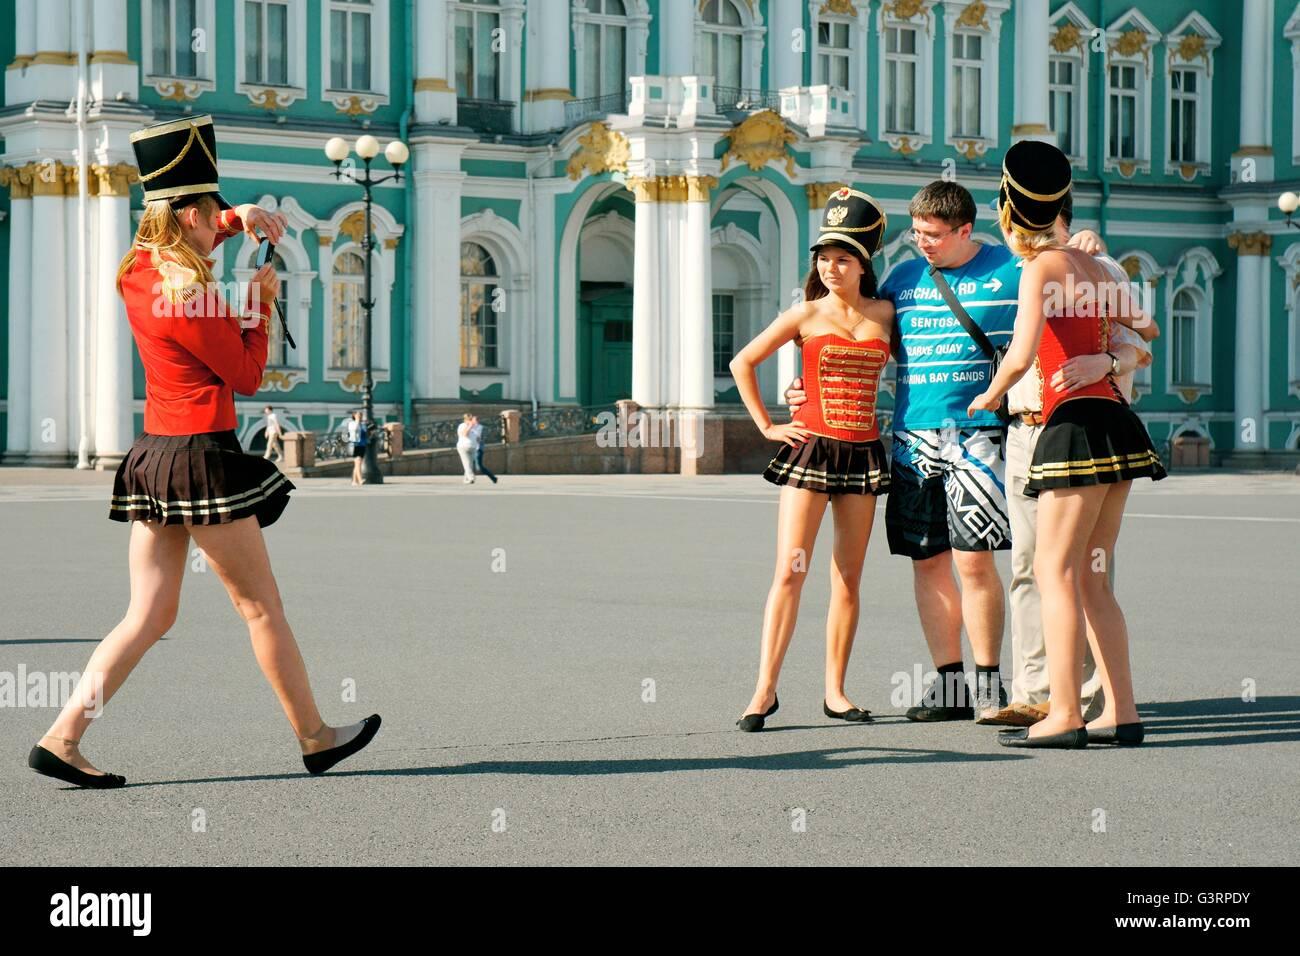 San Petersburgo, Rusia. Las mujeres jóvenes emprendedores presentan como los guardias de palacio para fotografías Imagen De Stock